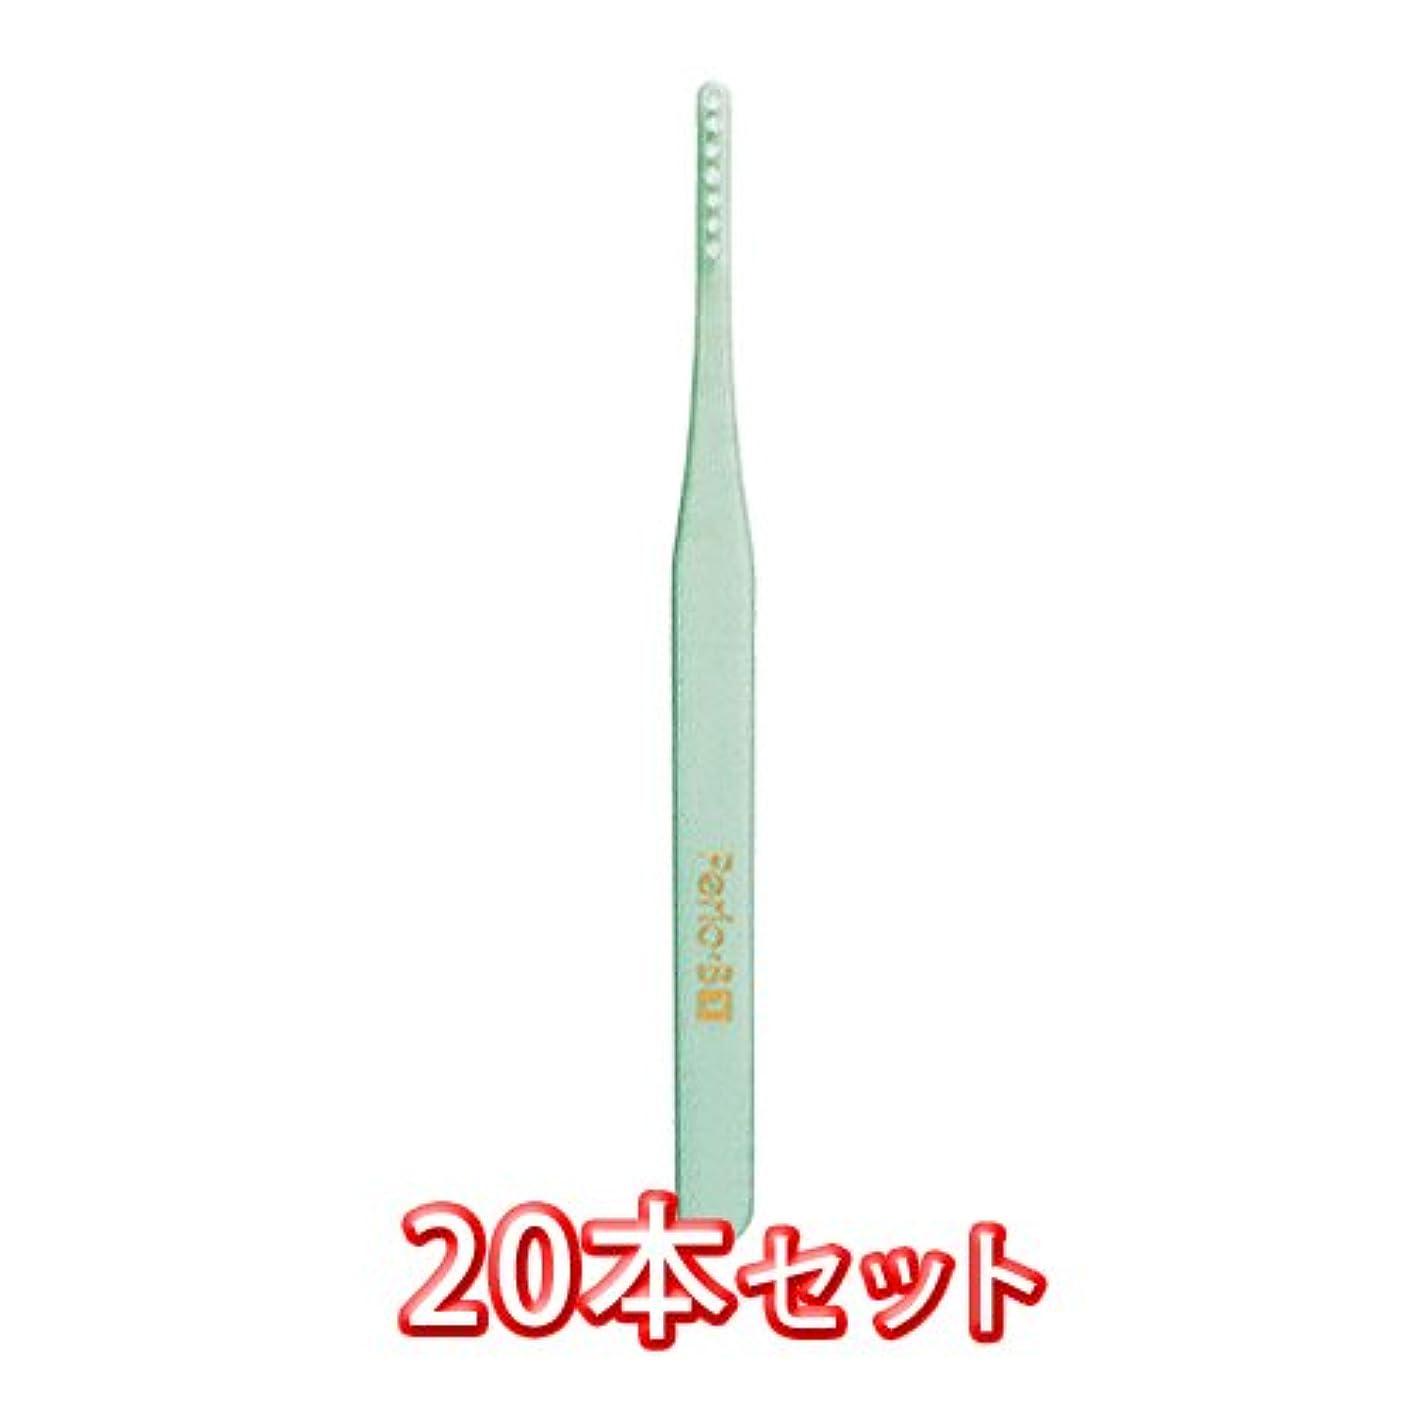 カラス振るう取り出すサンスター ペリオ歯ブラシ 20本入 ぺリオB1